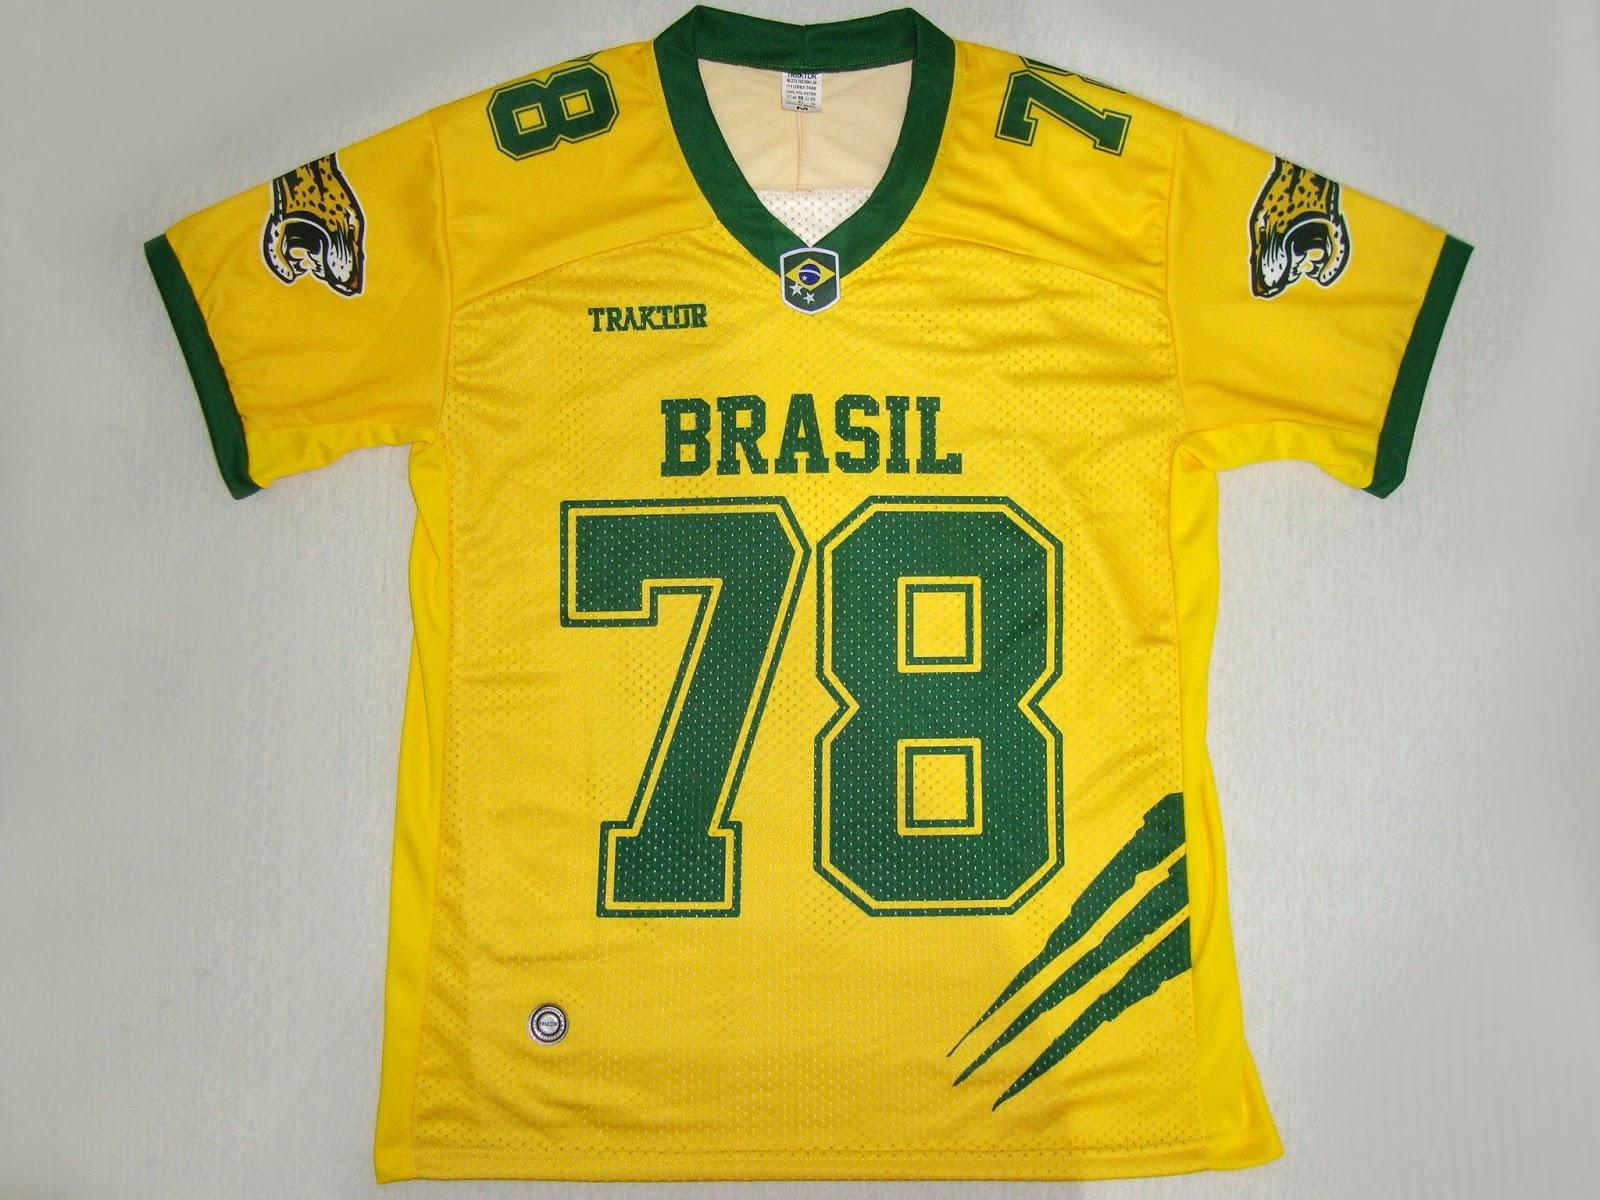 A Seleção Brasileira de Futebol Americano foi surgiu em 2007 e sua  principal conquista foi o título do Campeonato Sul Americano em 2014 9c95ec6827192